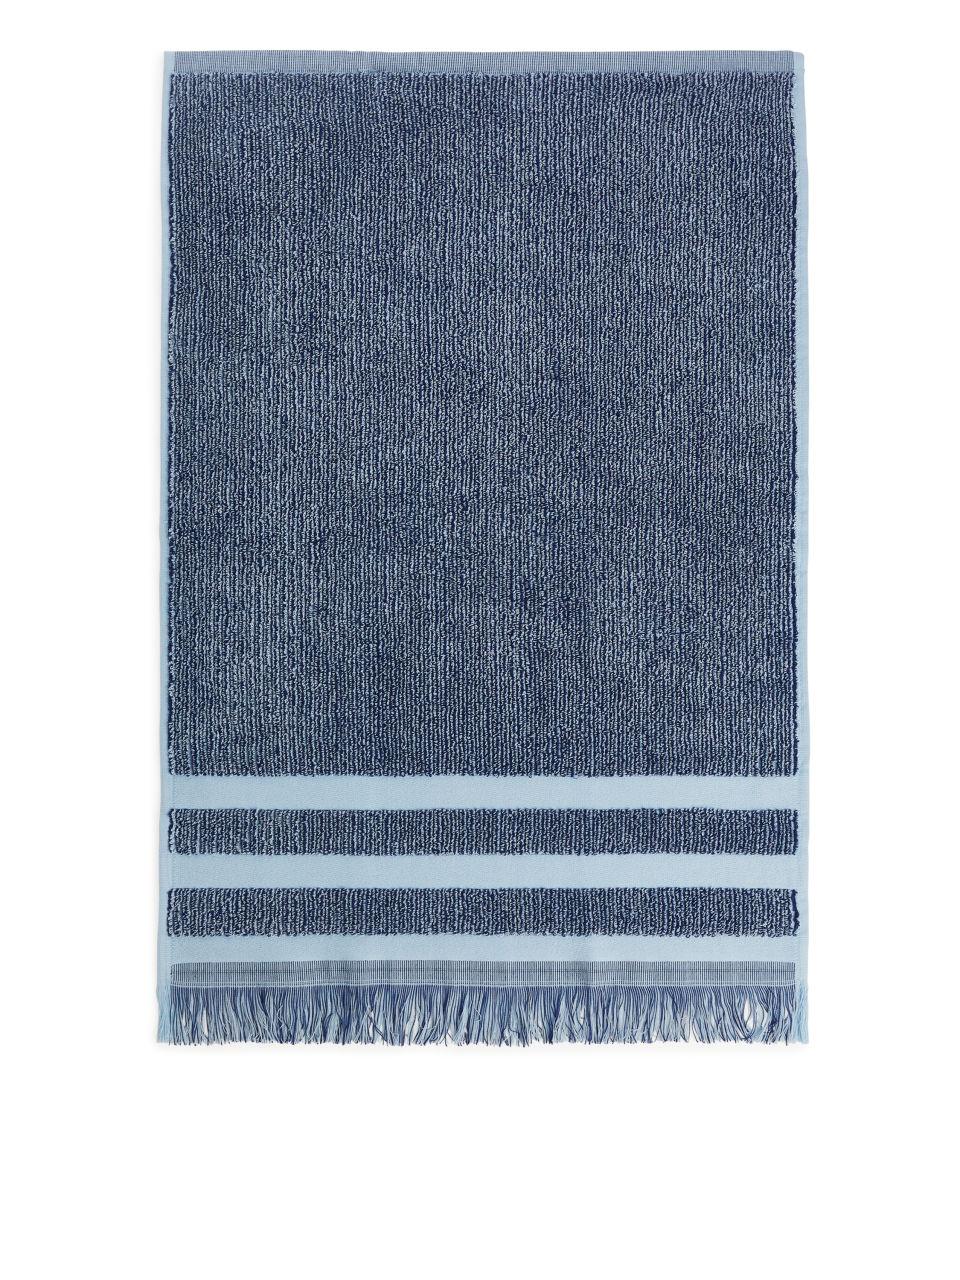 Towel 50 x 70 cm - Blue